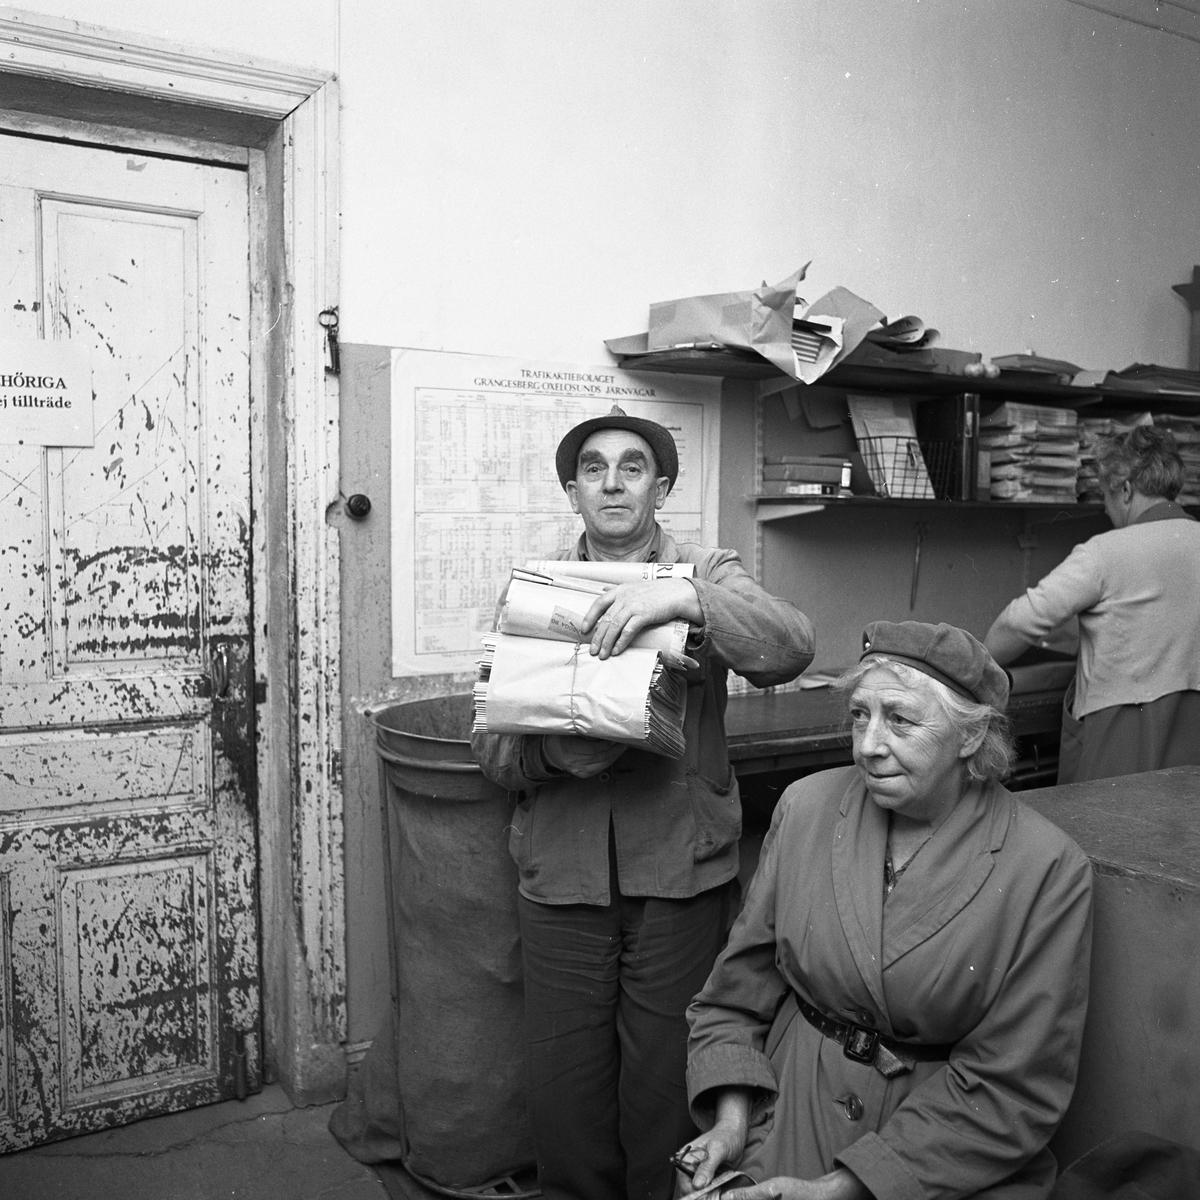 Arboga Tidning distribueras. En man håller en trave tidningar i famnen. I bakgrunden syns en kvinna som packar tidningar. I förgrunden sitter en kvinna, klädd i ytterkäder. Möjligen väntar hon på tåget. På väggen finns TGOJ´s tågtidtabell. Dörren, till vänster, är mycket sliten.